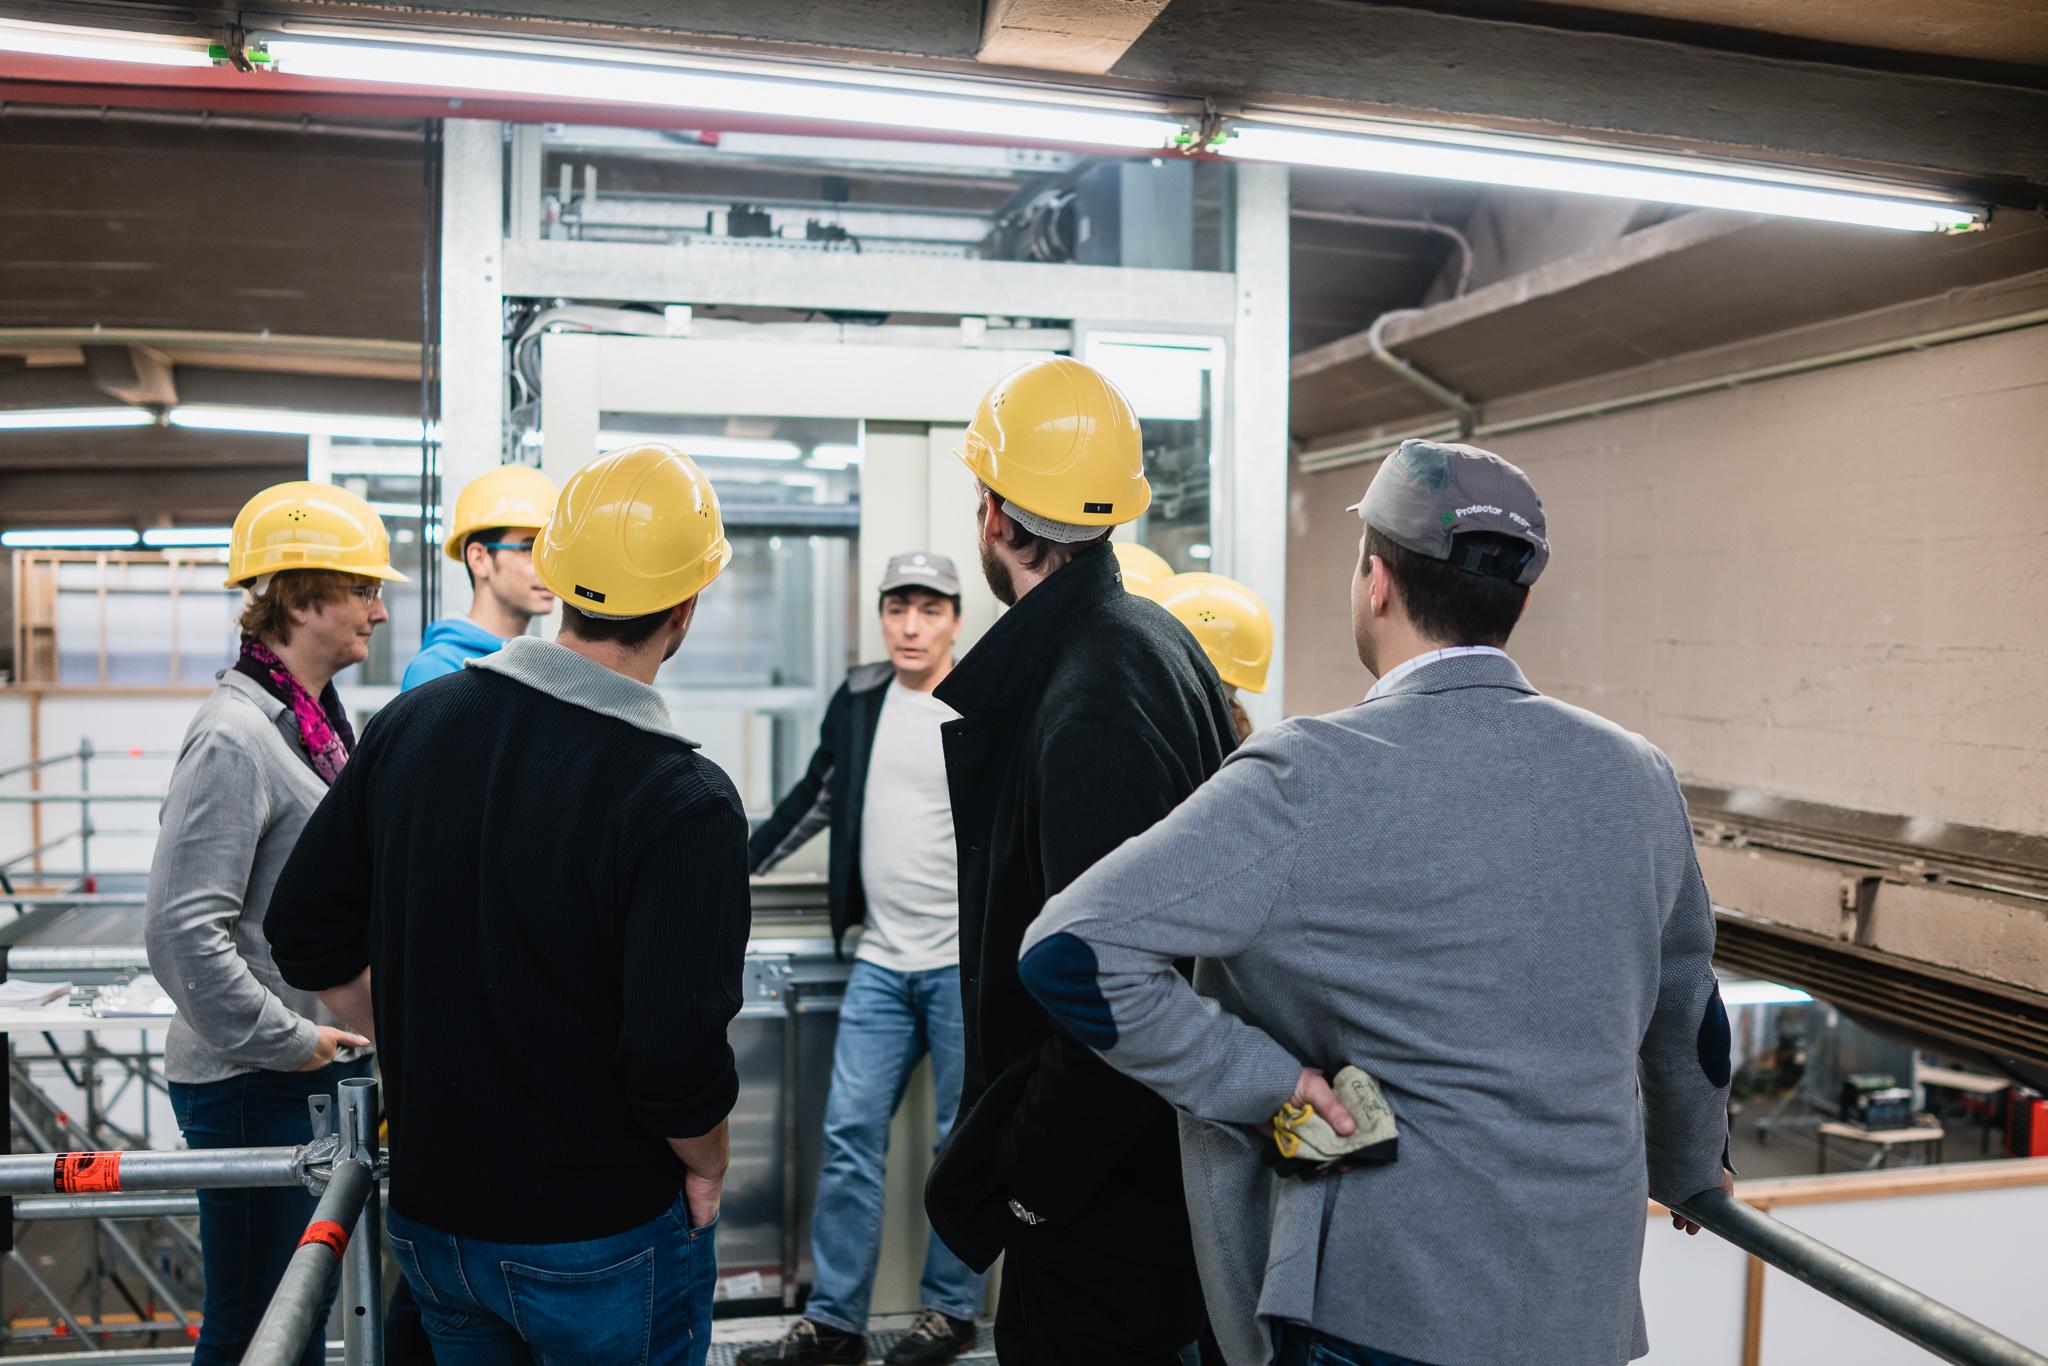 Wir lernten vor Ort von den technischen Experten Schindlers viel über die Funktions- und Bauweise von Aufzügen...